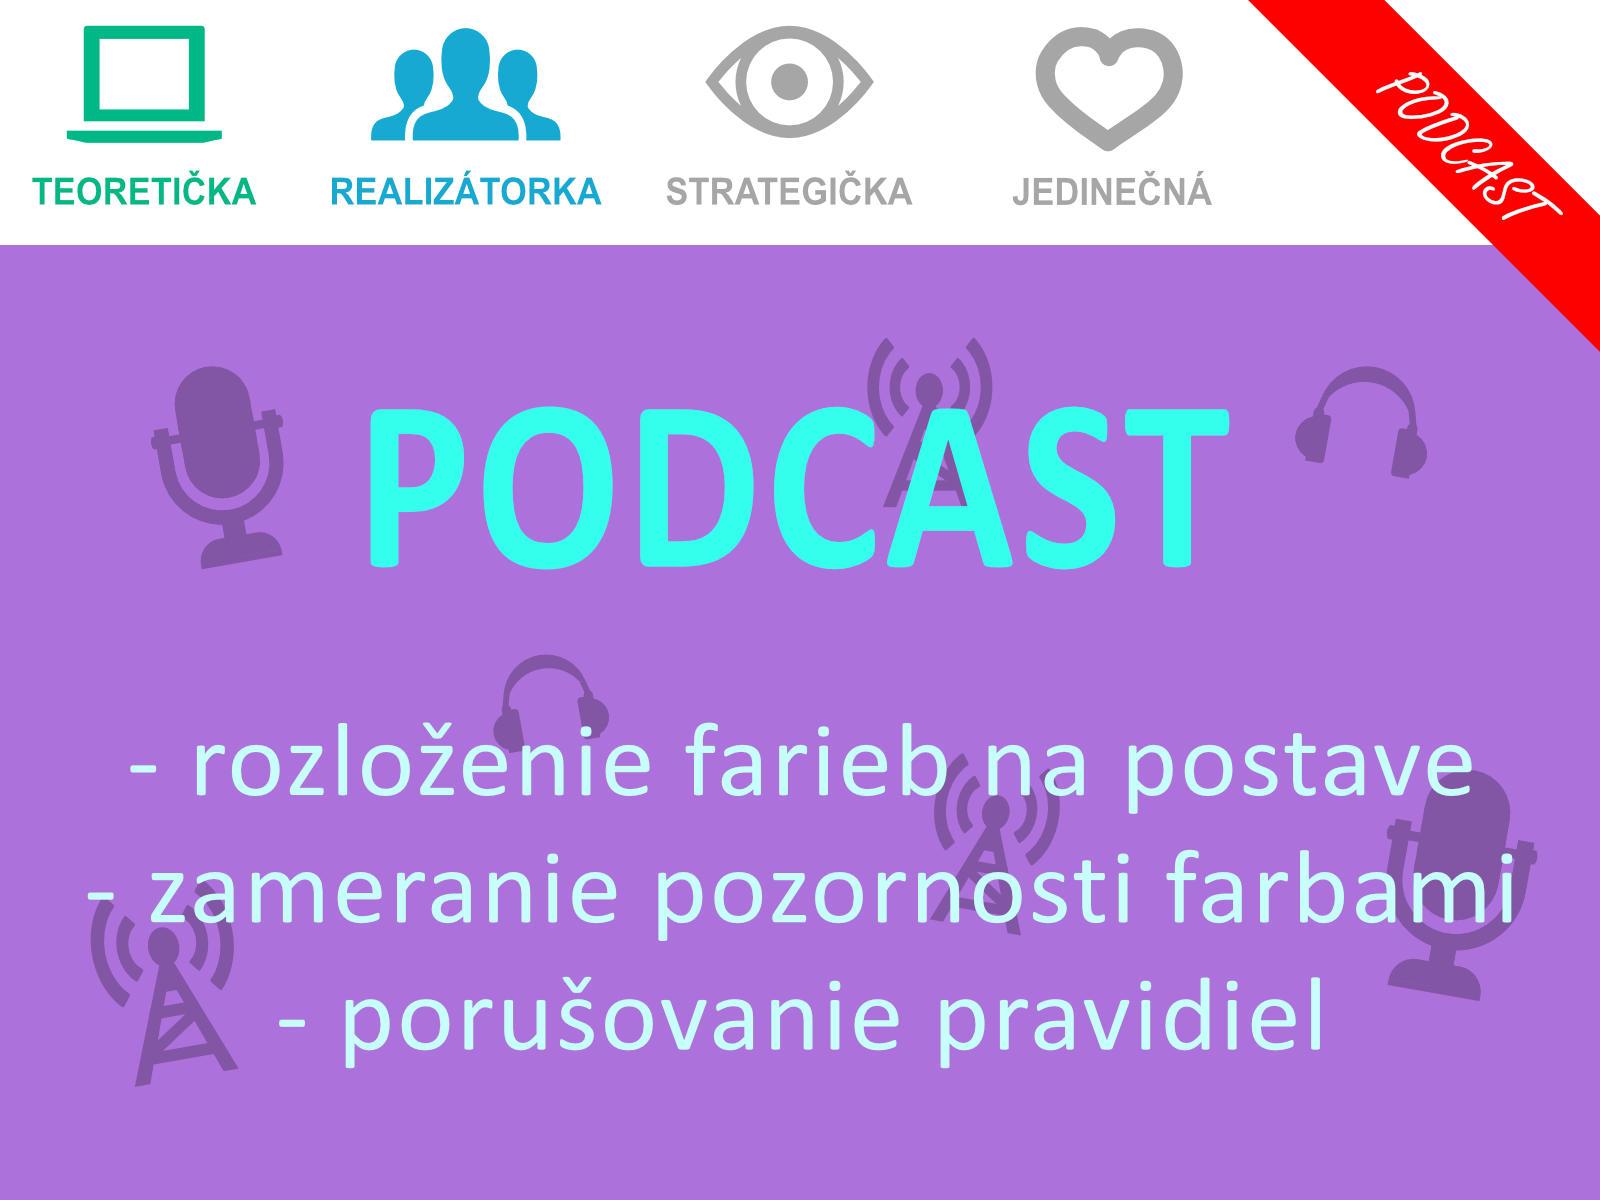 Podcast - Nevhodné rozloženie farieb môže deformovať postavu